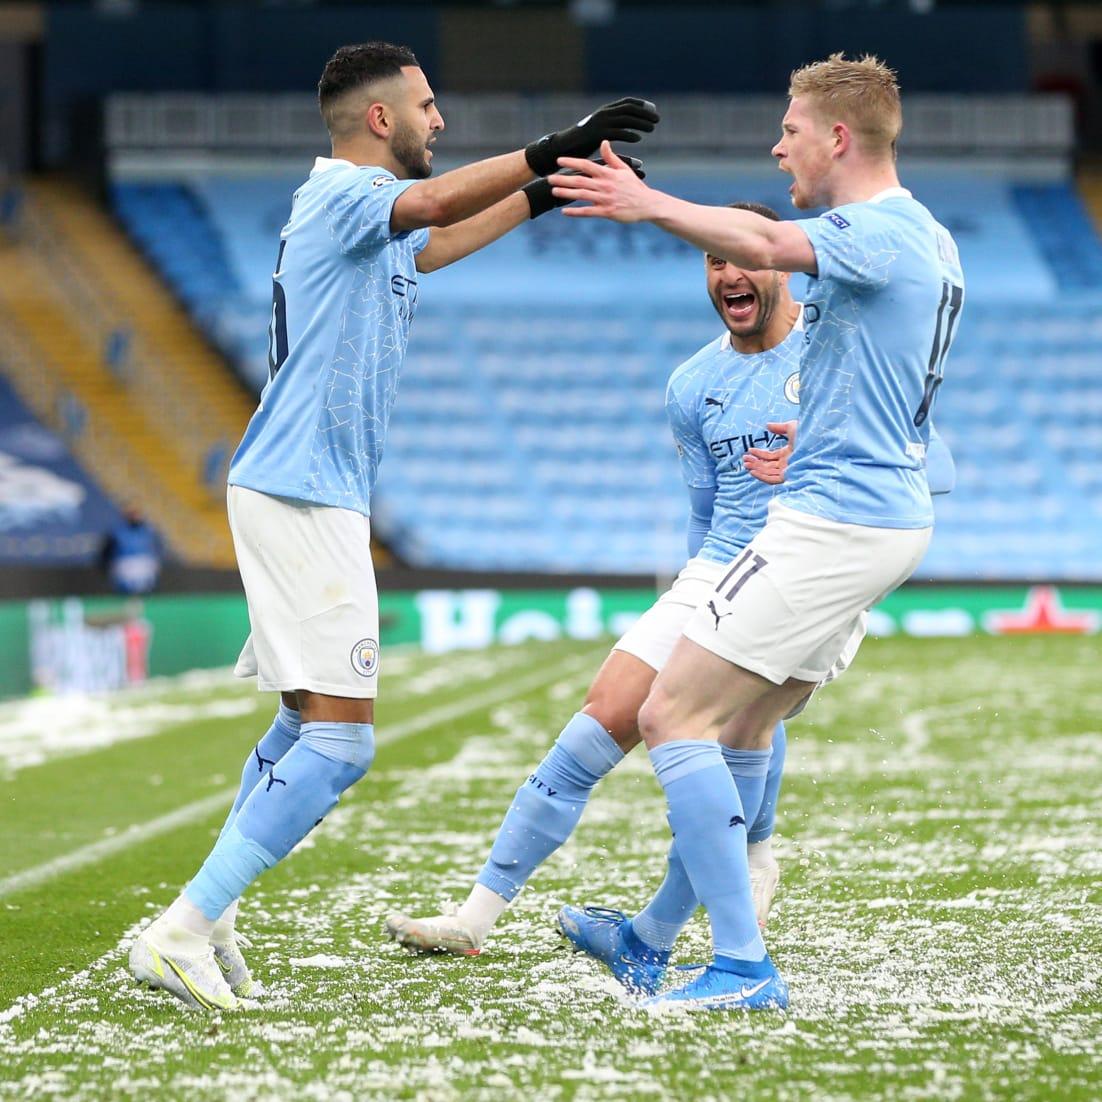 Manchester City celebró por primera vez el paso a la final de la Champions. Foto: cortesía.